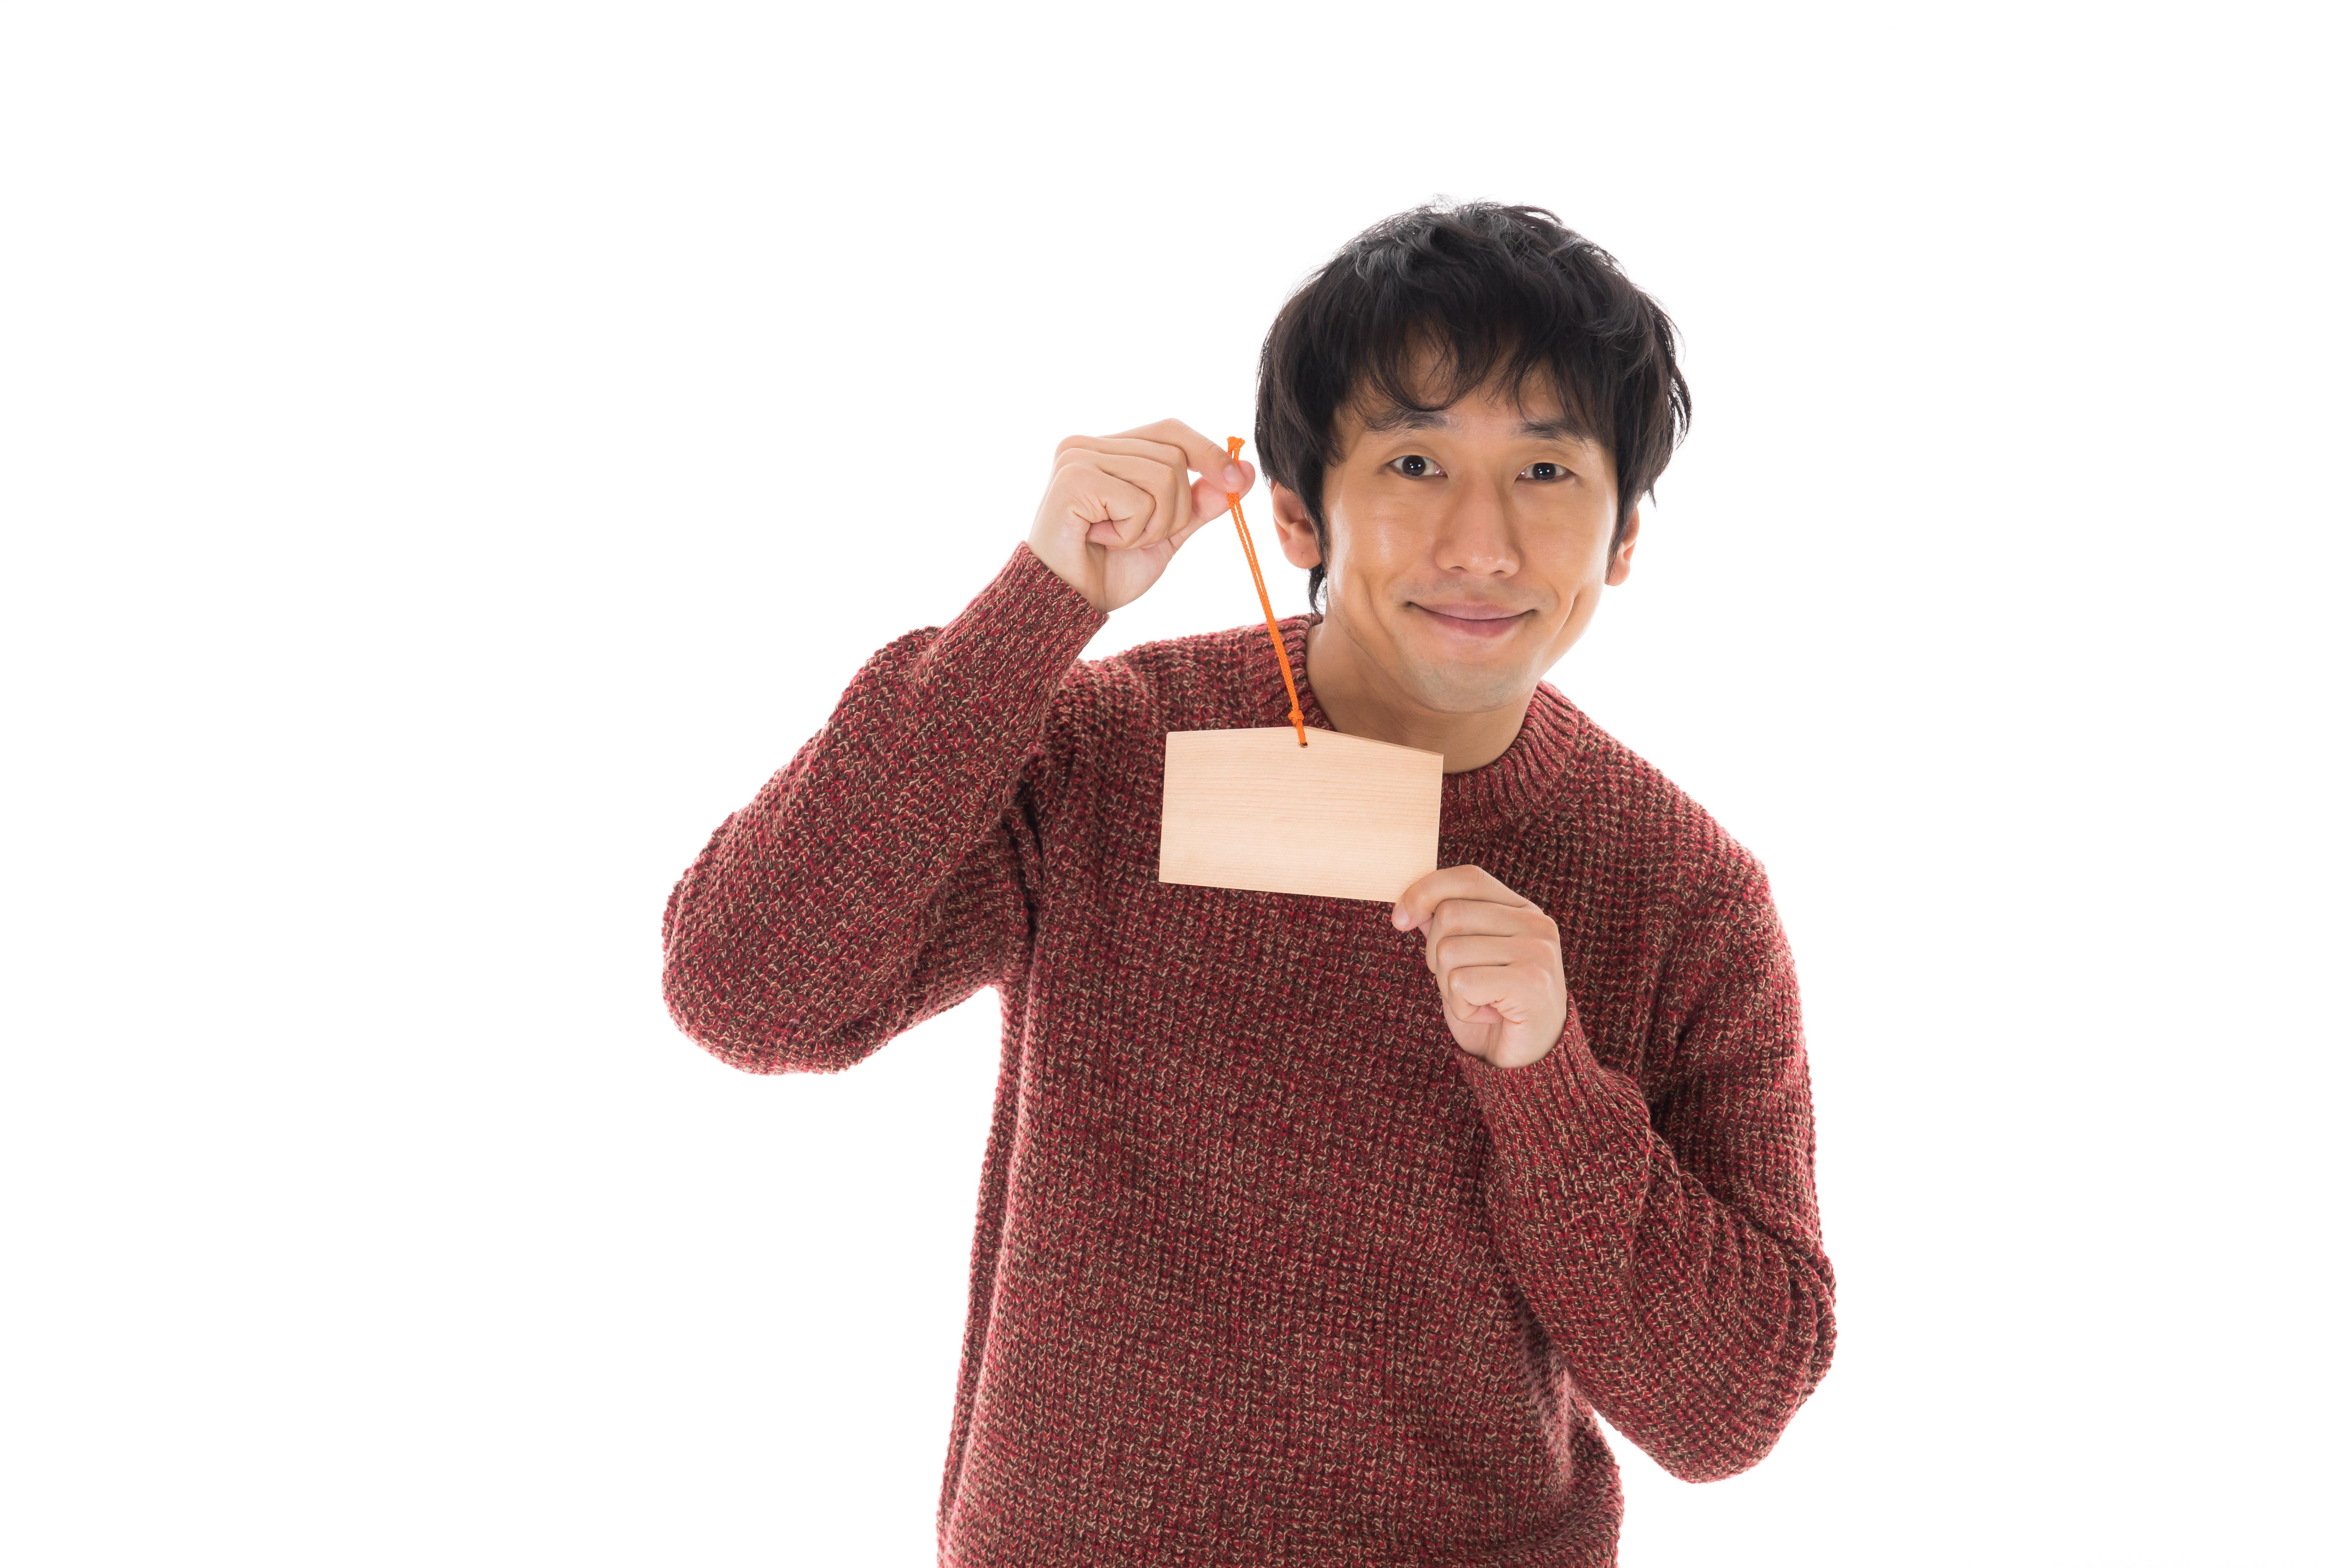 ▲祈願,新年新希望。(圖/取自免費圖庫pakutaso)